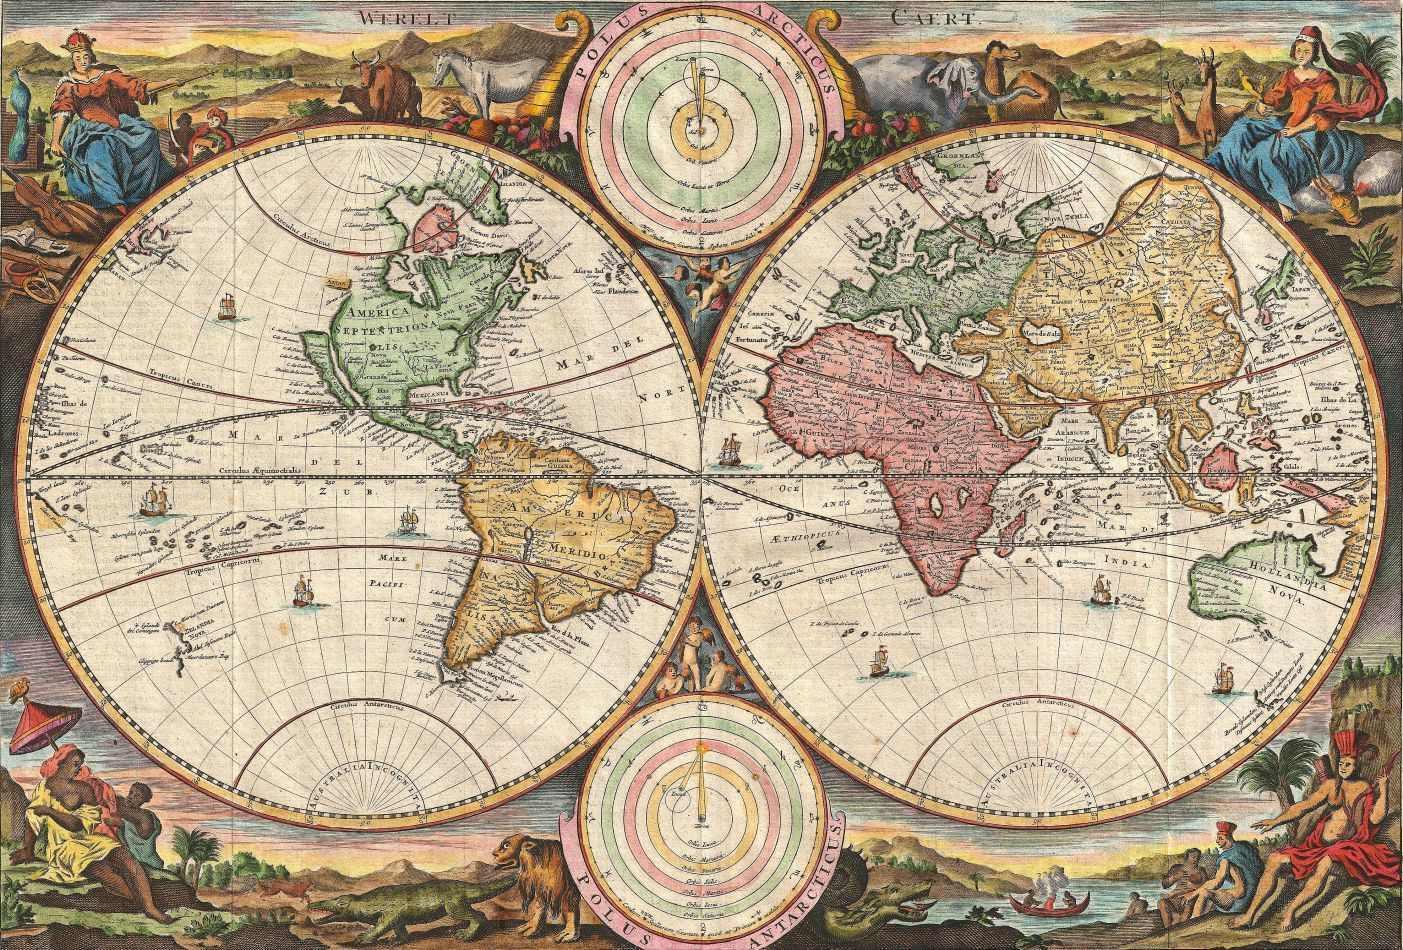 mapa mundo antigo Mapa Mundi Antigo 1731 Tela Enorme Para Quadro   Santhatela  mapa mundo antigo